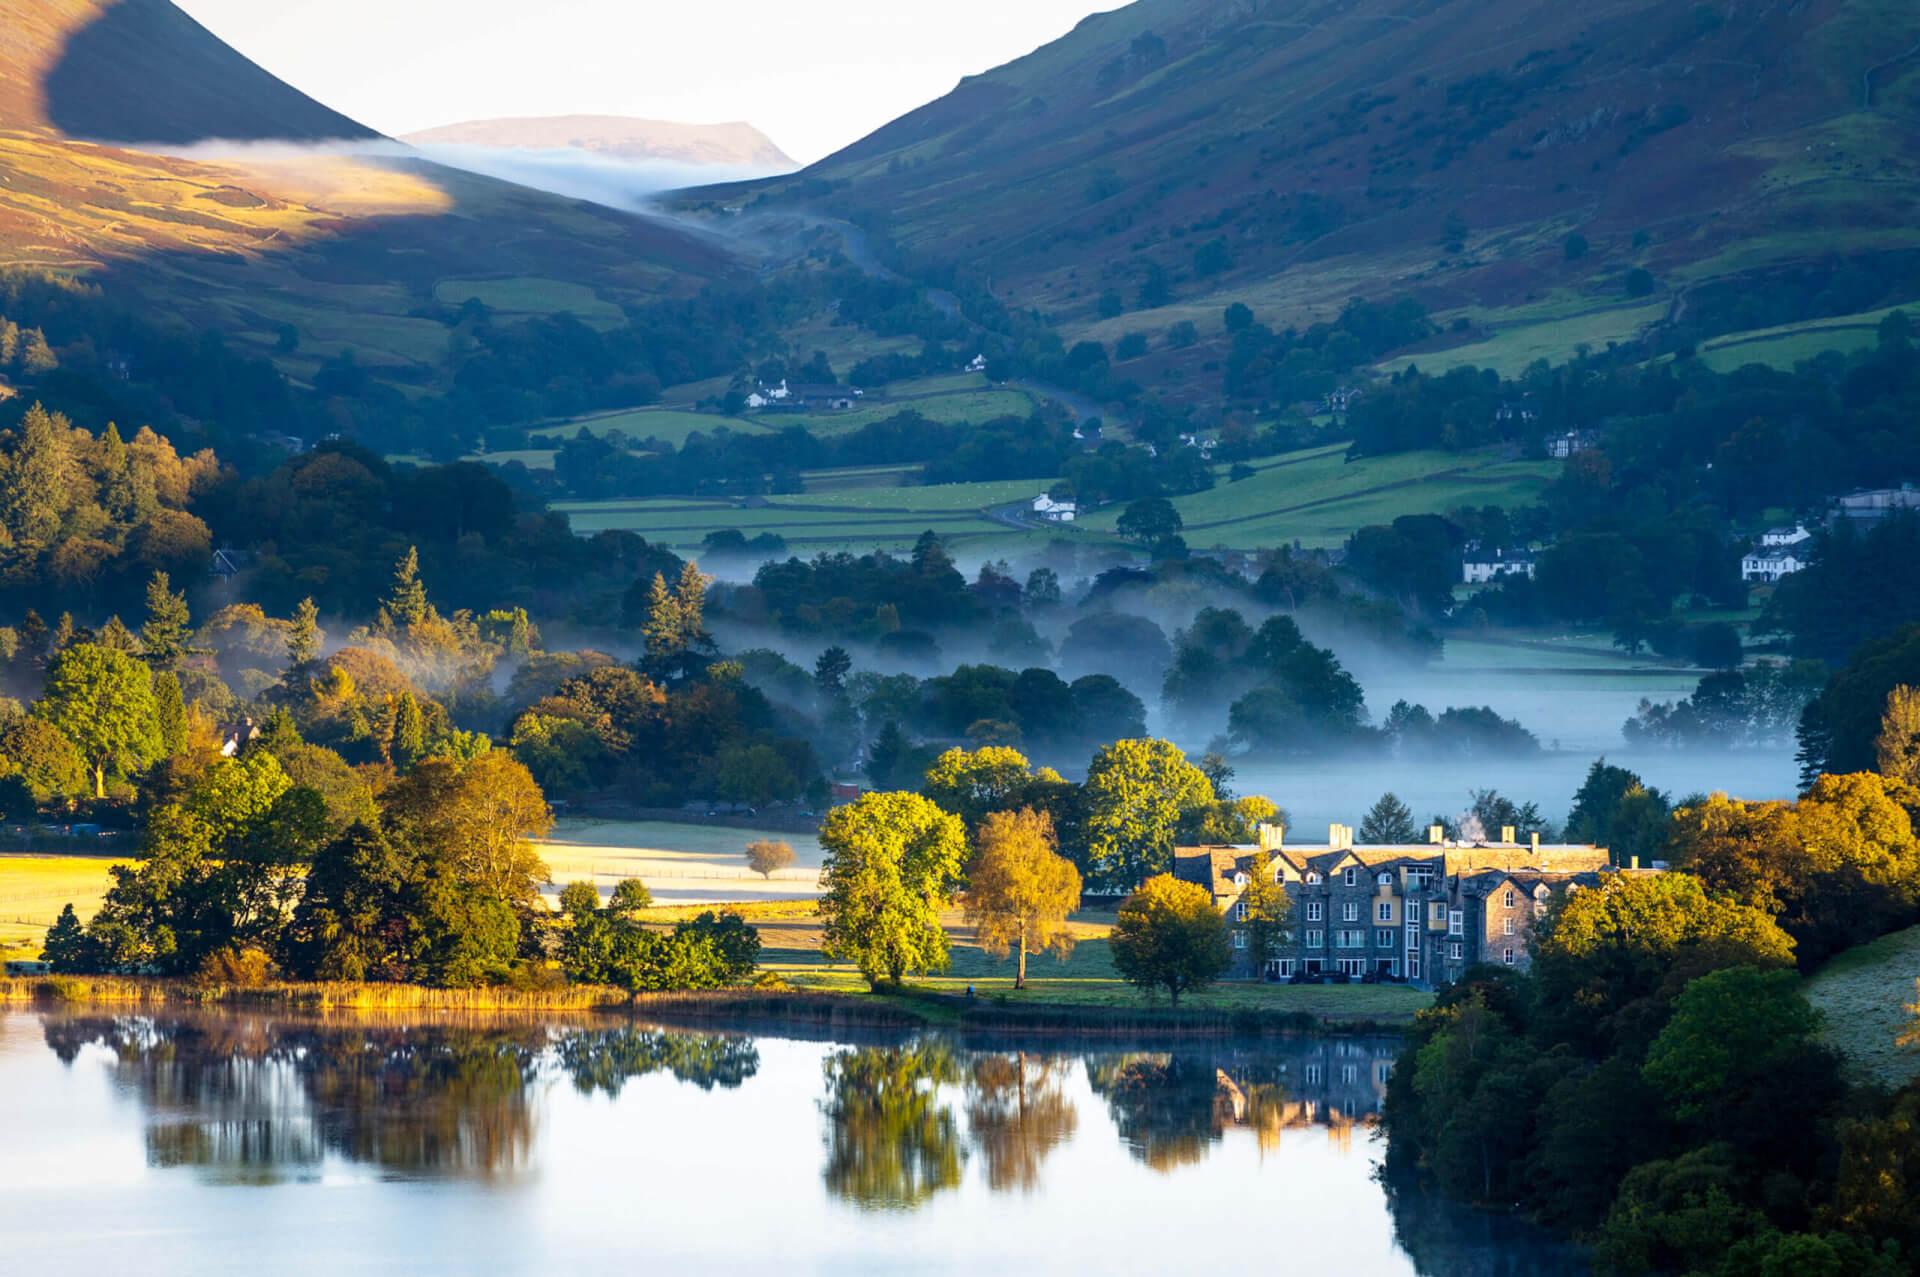 Unitarisation reshapes local government in Cumbria